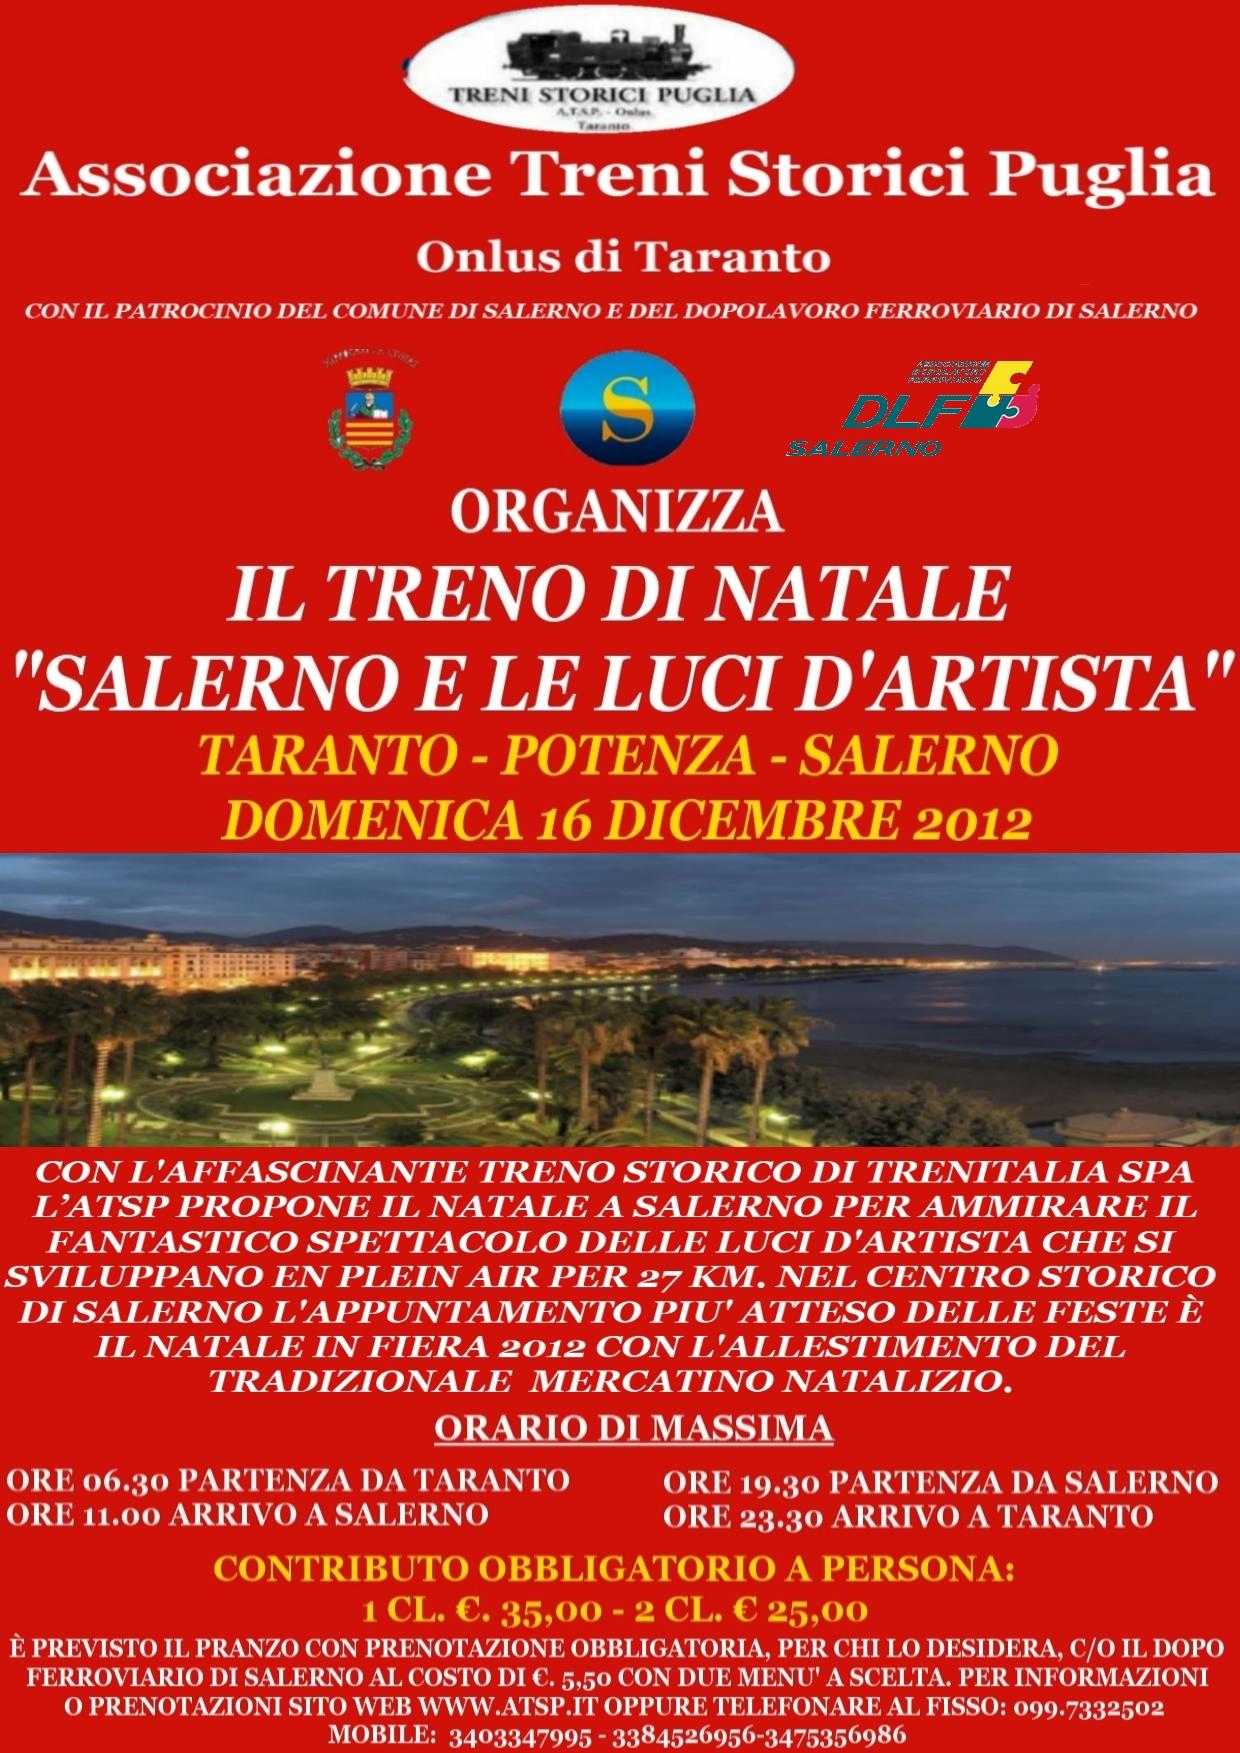 Treno d'epoca da Taranto a Salerno il 16 dicembre per le luci d'artista